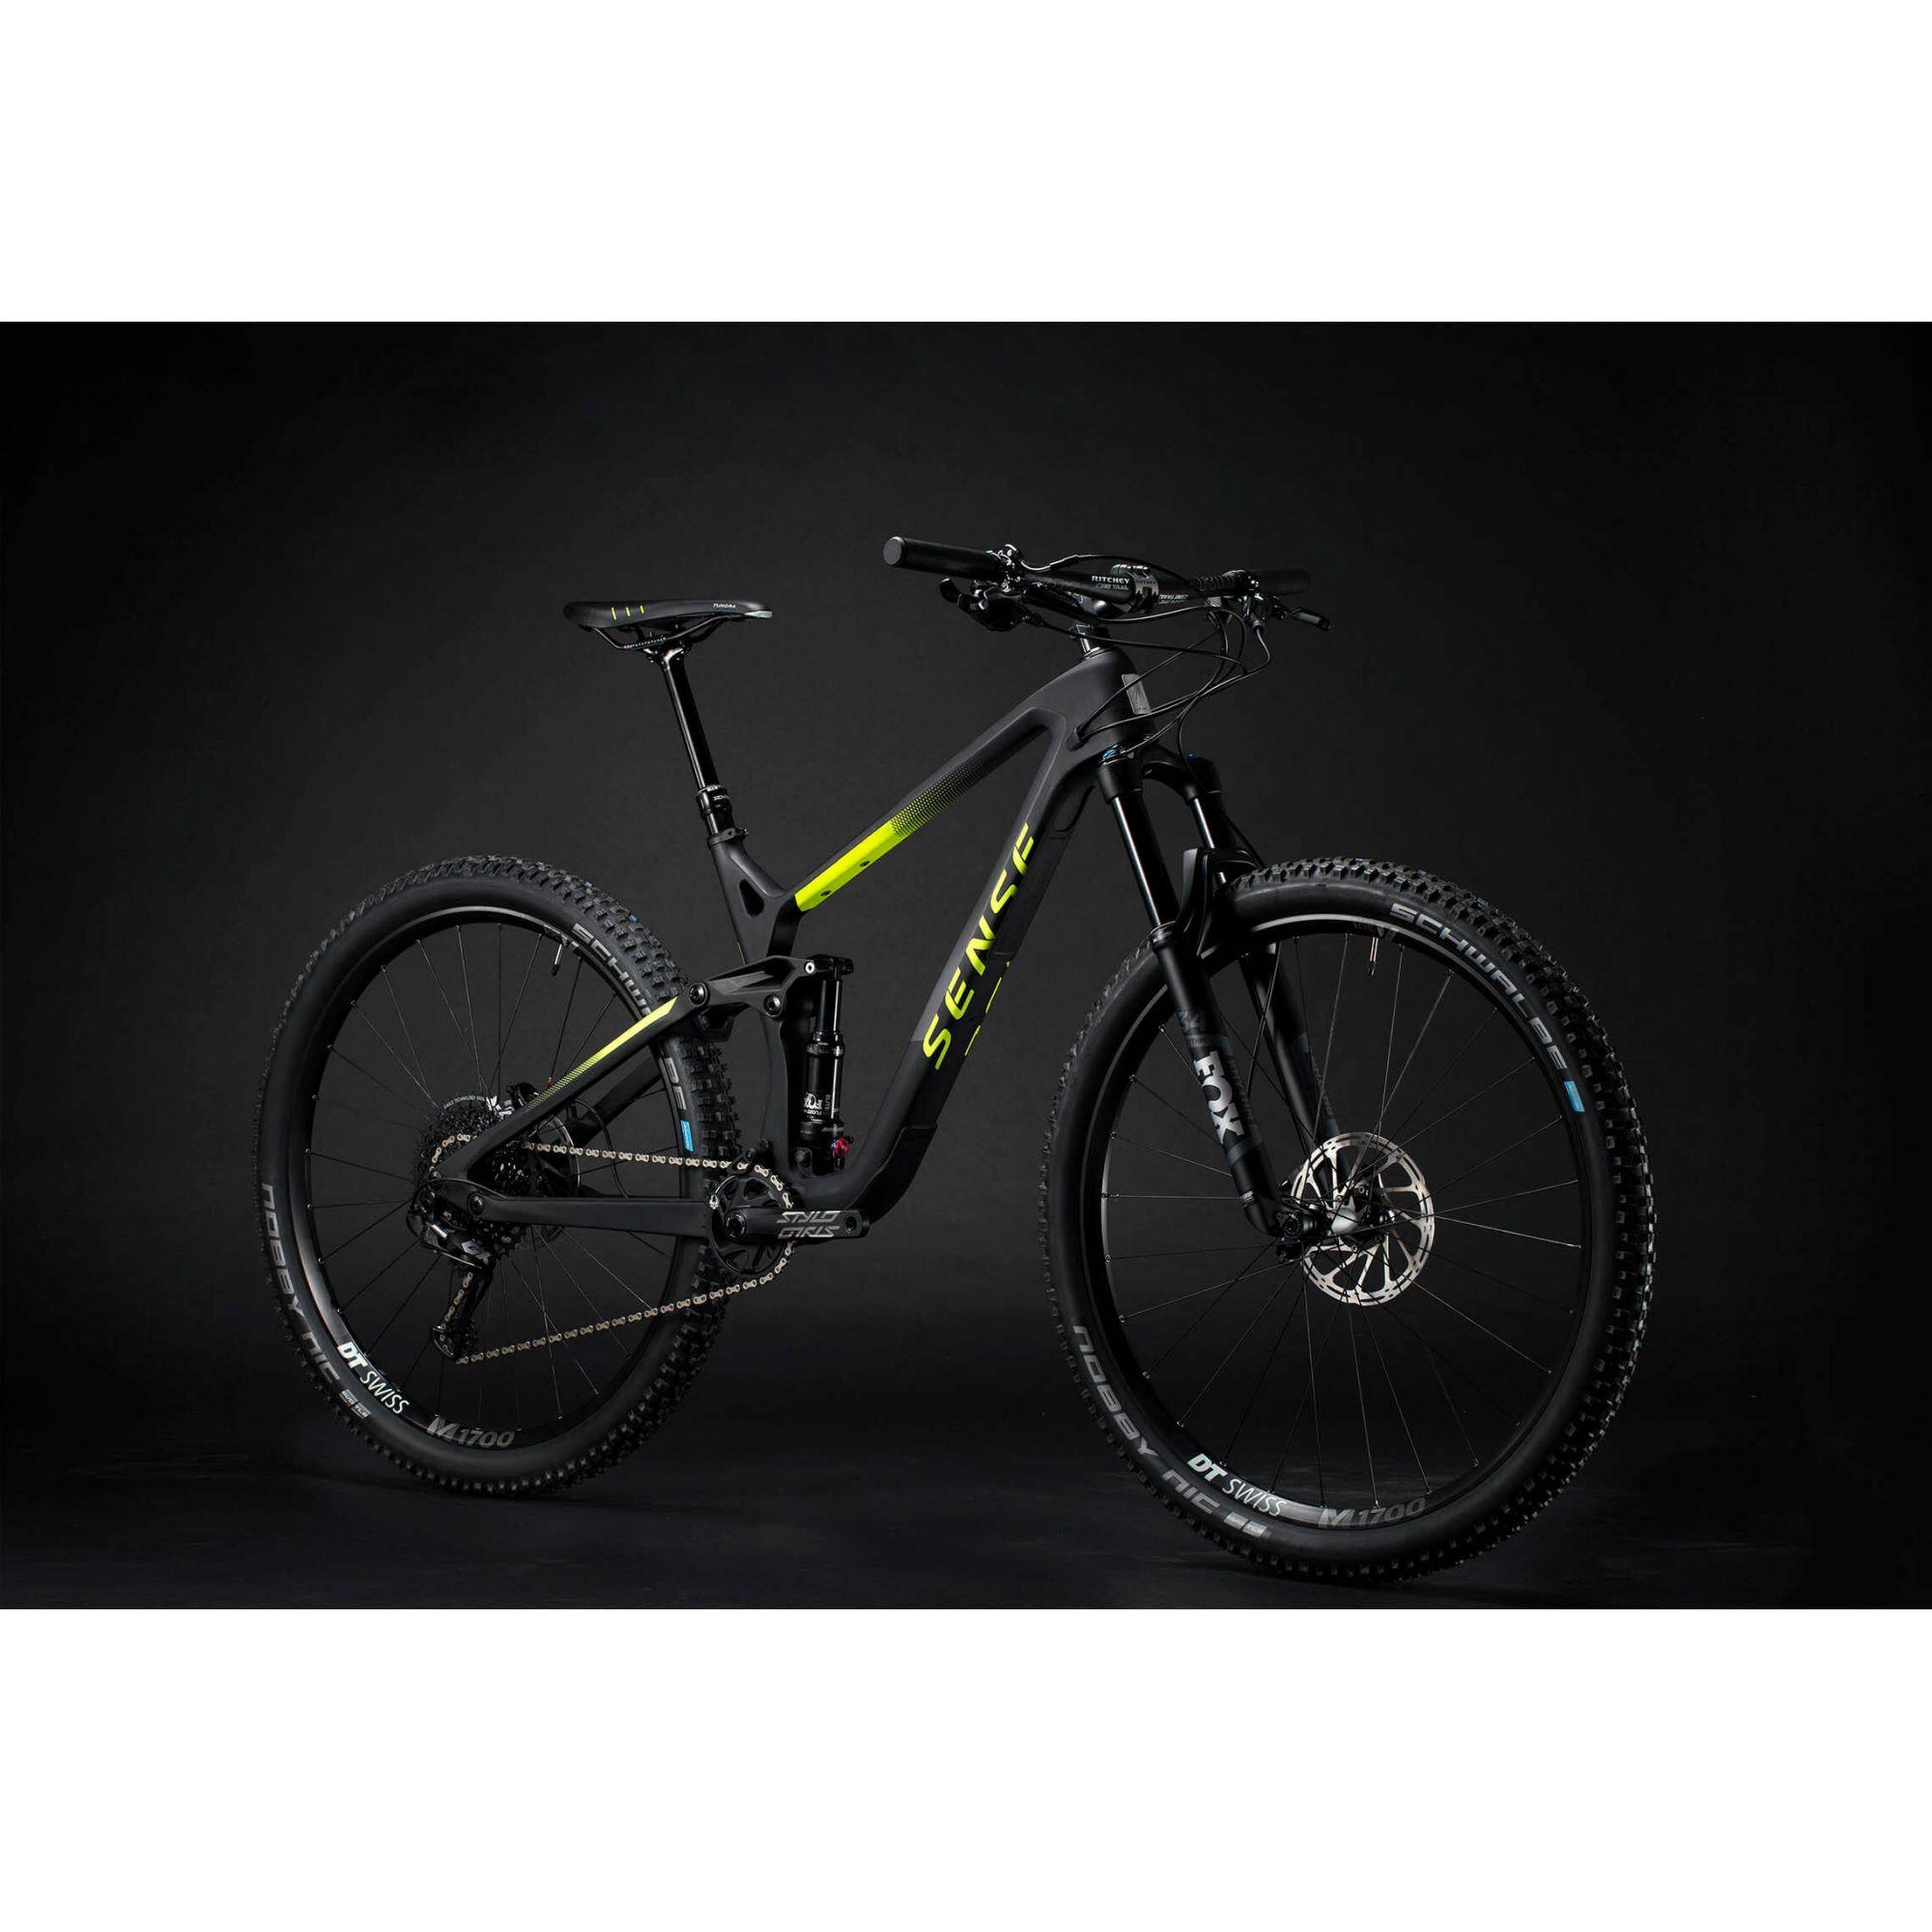 Bicicleta SENSE Exalt Evo 2020 - Preto/Amarelo Neon